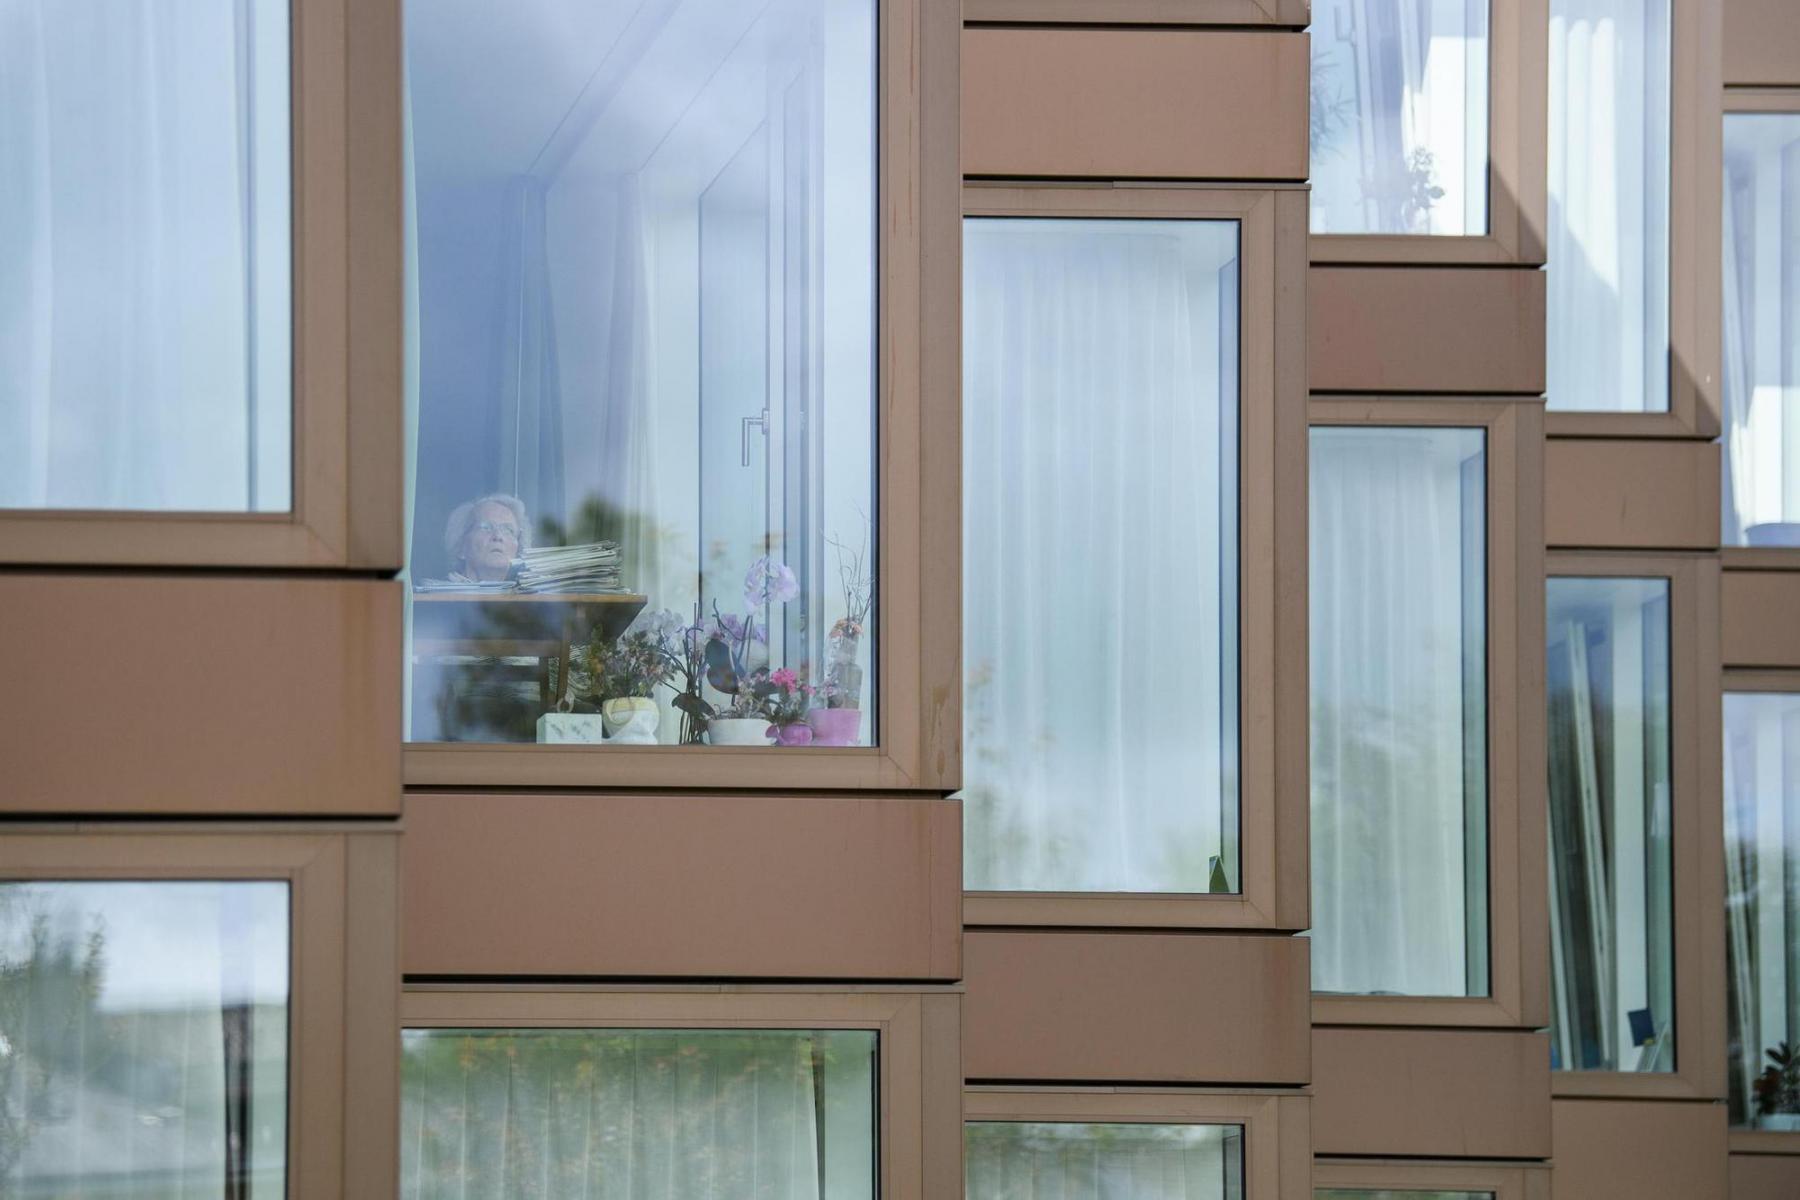 Angehörige in Alten- und Pflegeheimen erhalten keinen Besuch mehr. Er ist untersagt. Hier schaut eine Bewohnerin des Pflegeheims Ruferheim aus dem Fenster. Aufgenommen am 29.4.2020 in Nidau. Foto: Raphael Moser